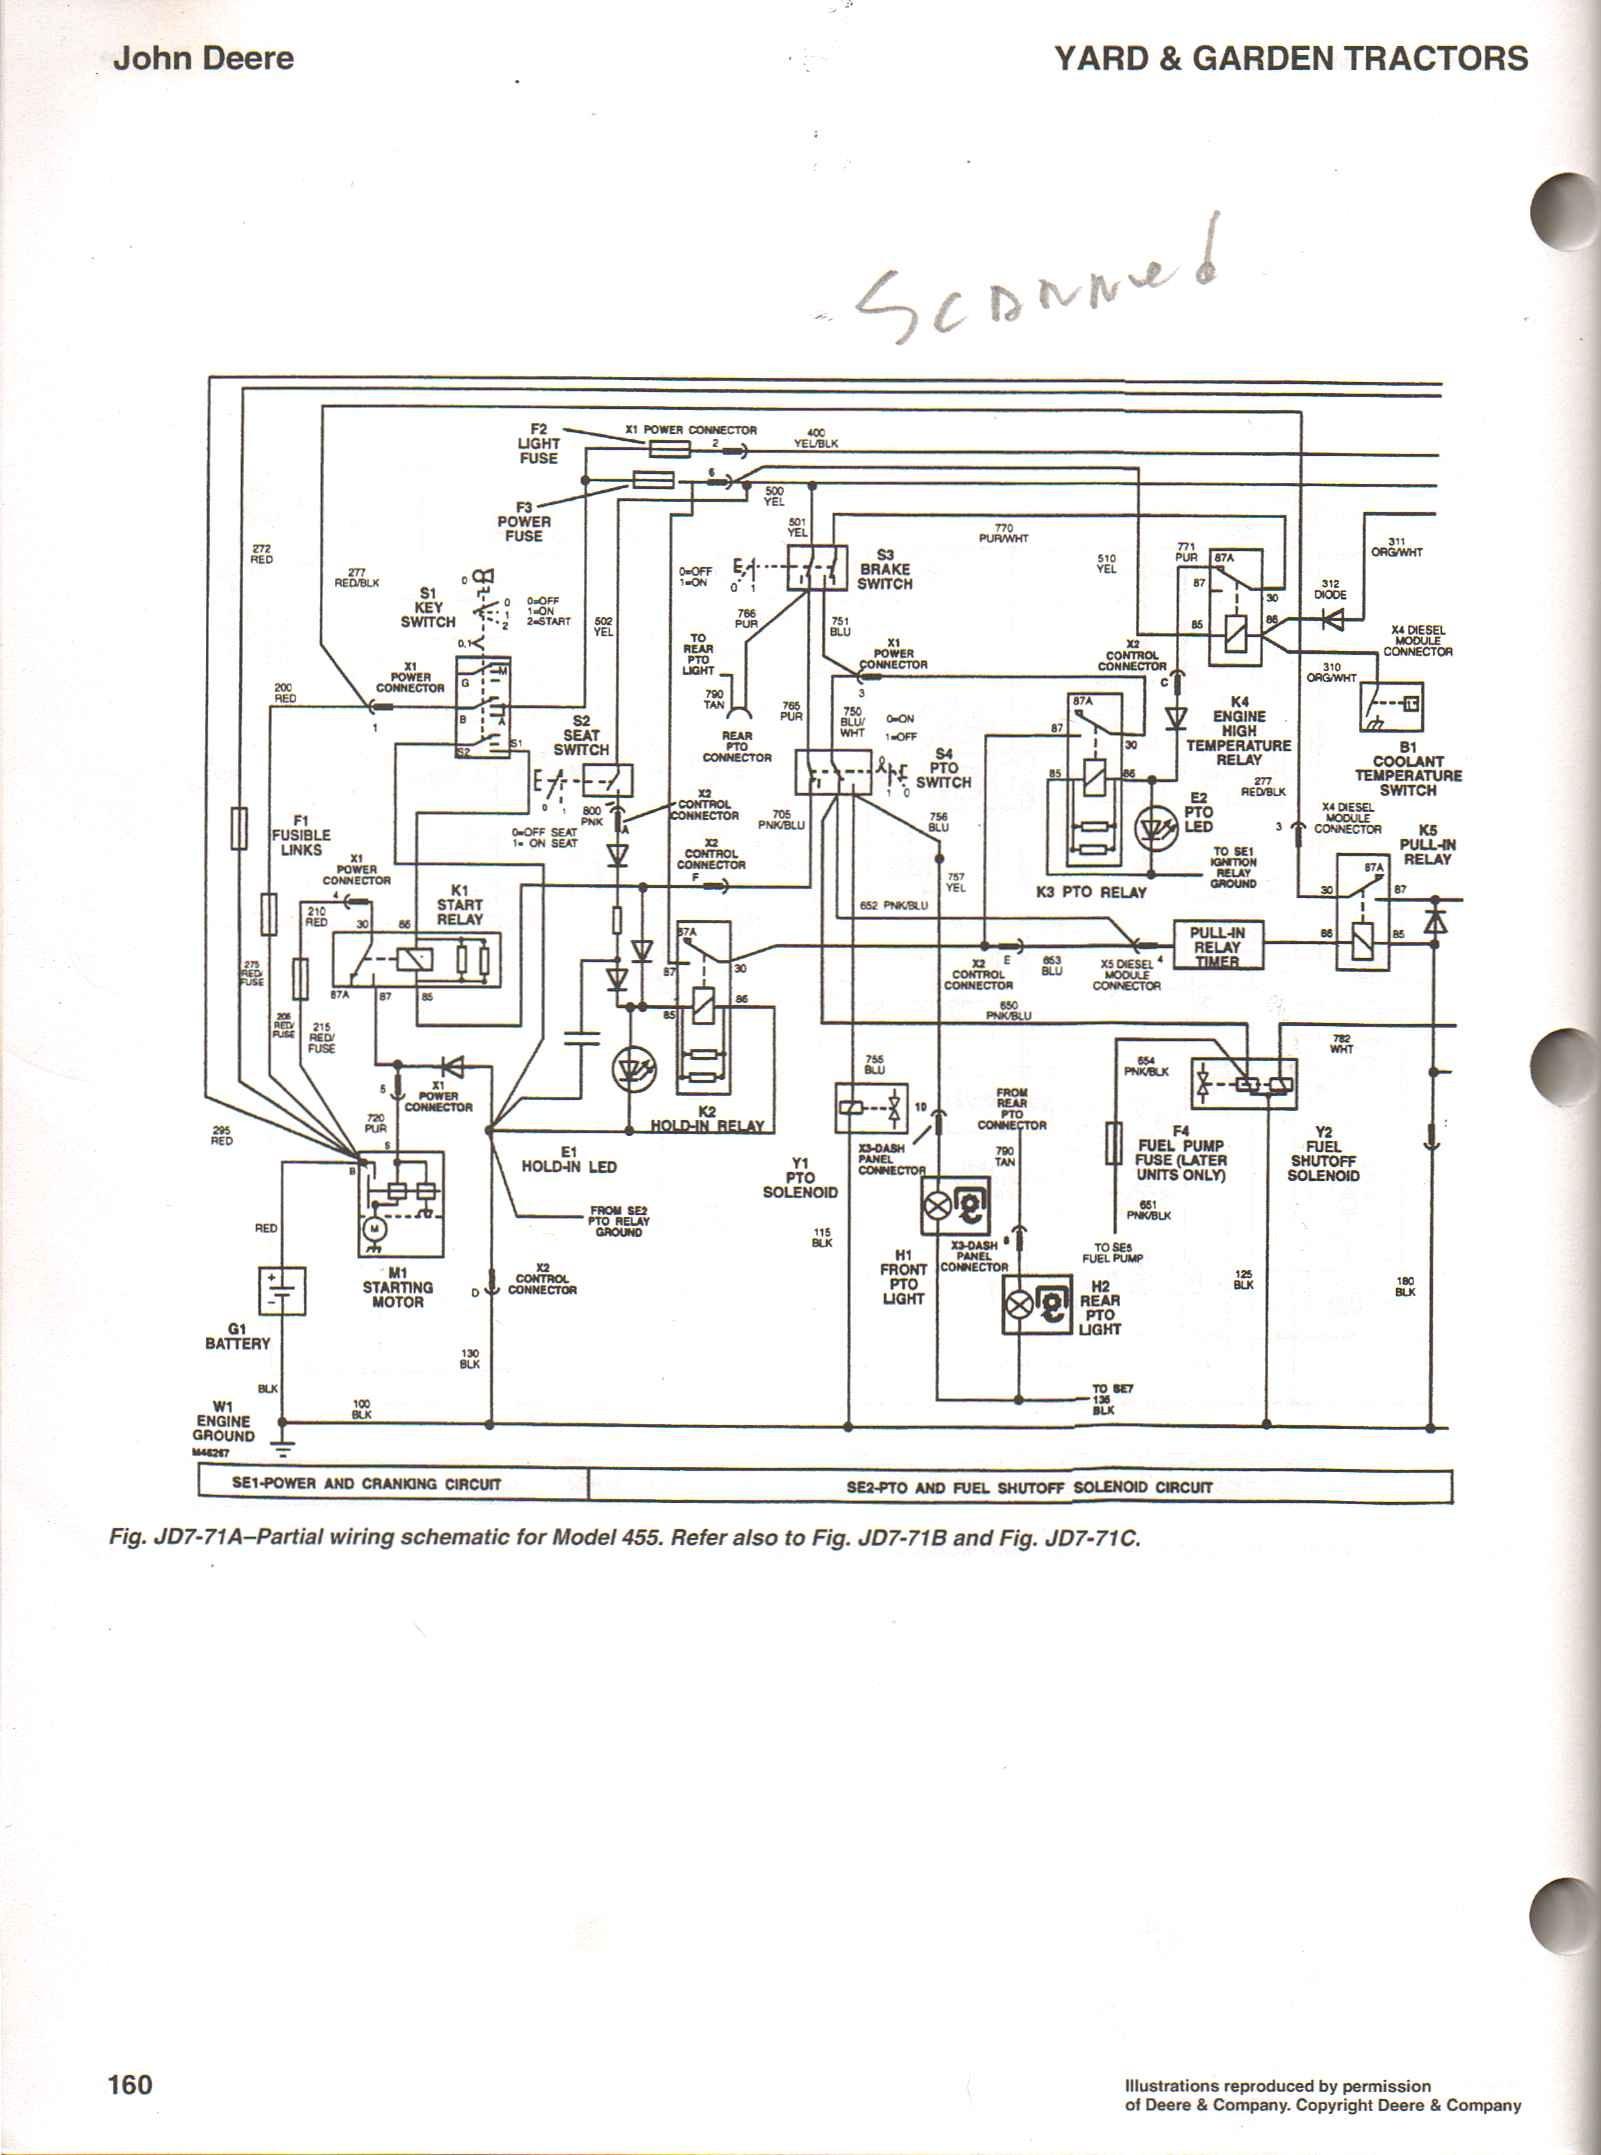 John Deere Gator Wiring Schematic